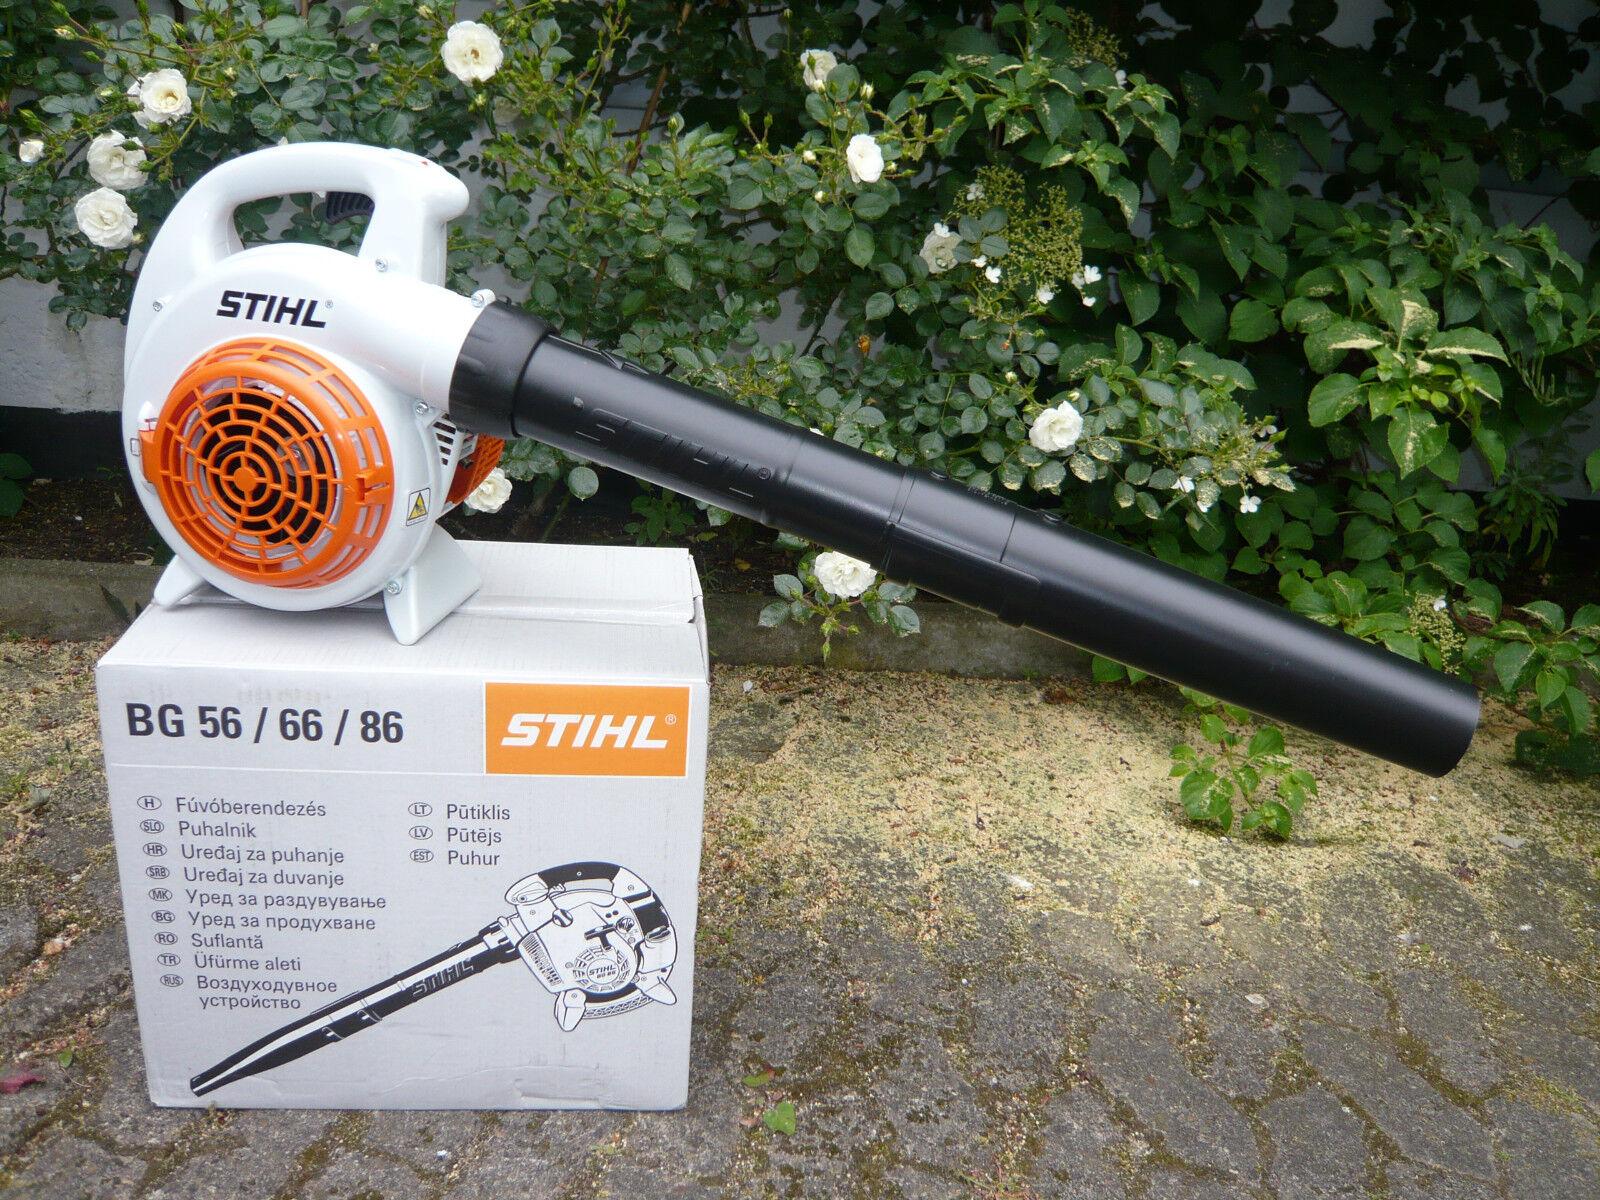 stihl bg 56 essence-souffleur feuilles souffleur de feuilles